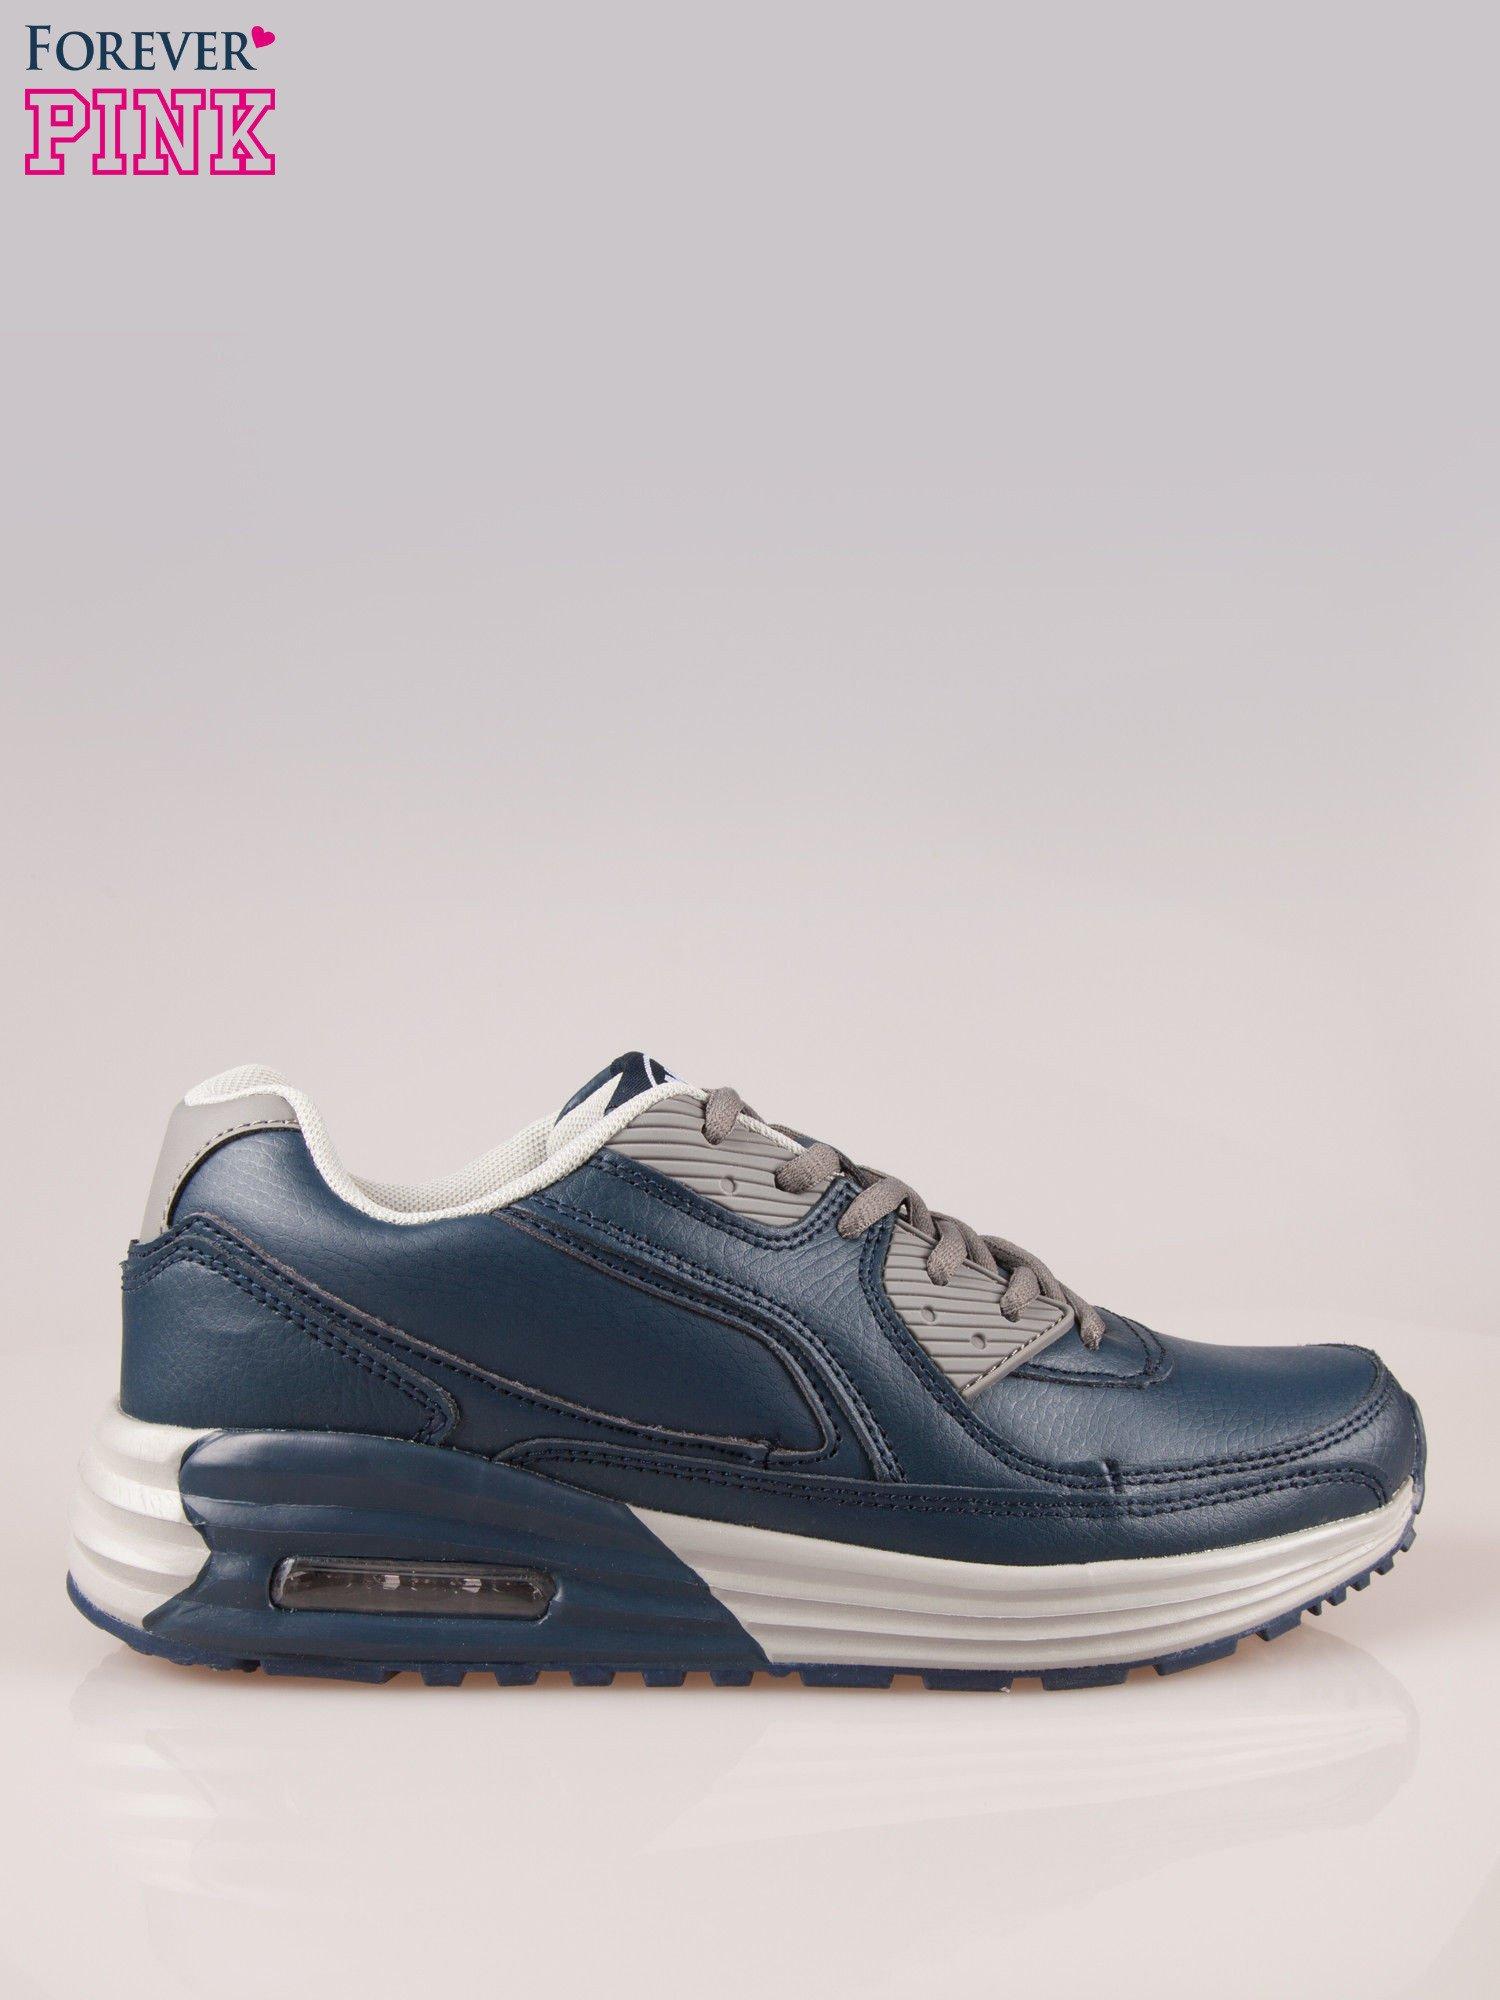 Granatowe buty sportowe z poduszką powietrzną w podeszwie                                  zdj.                                  1